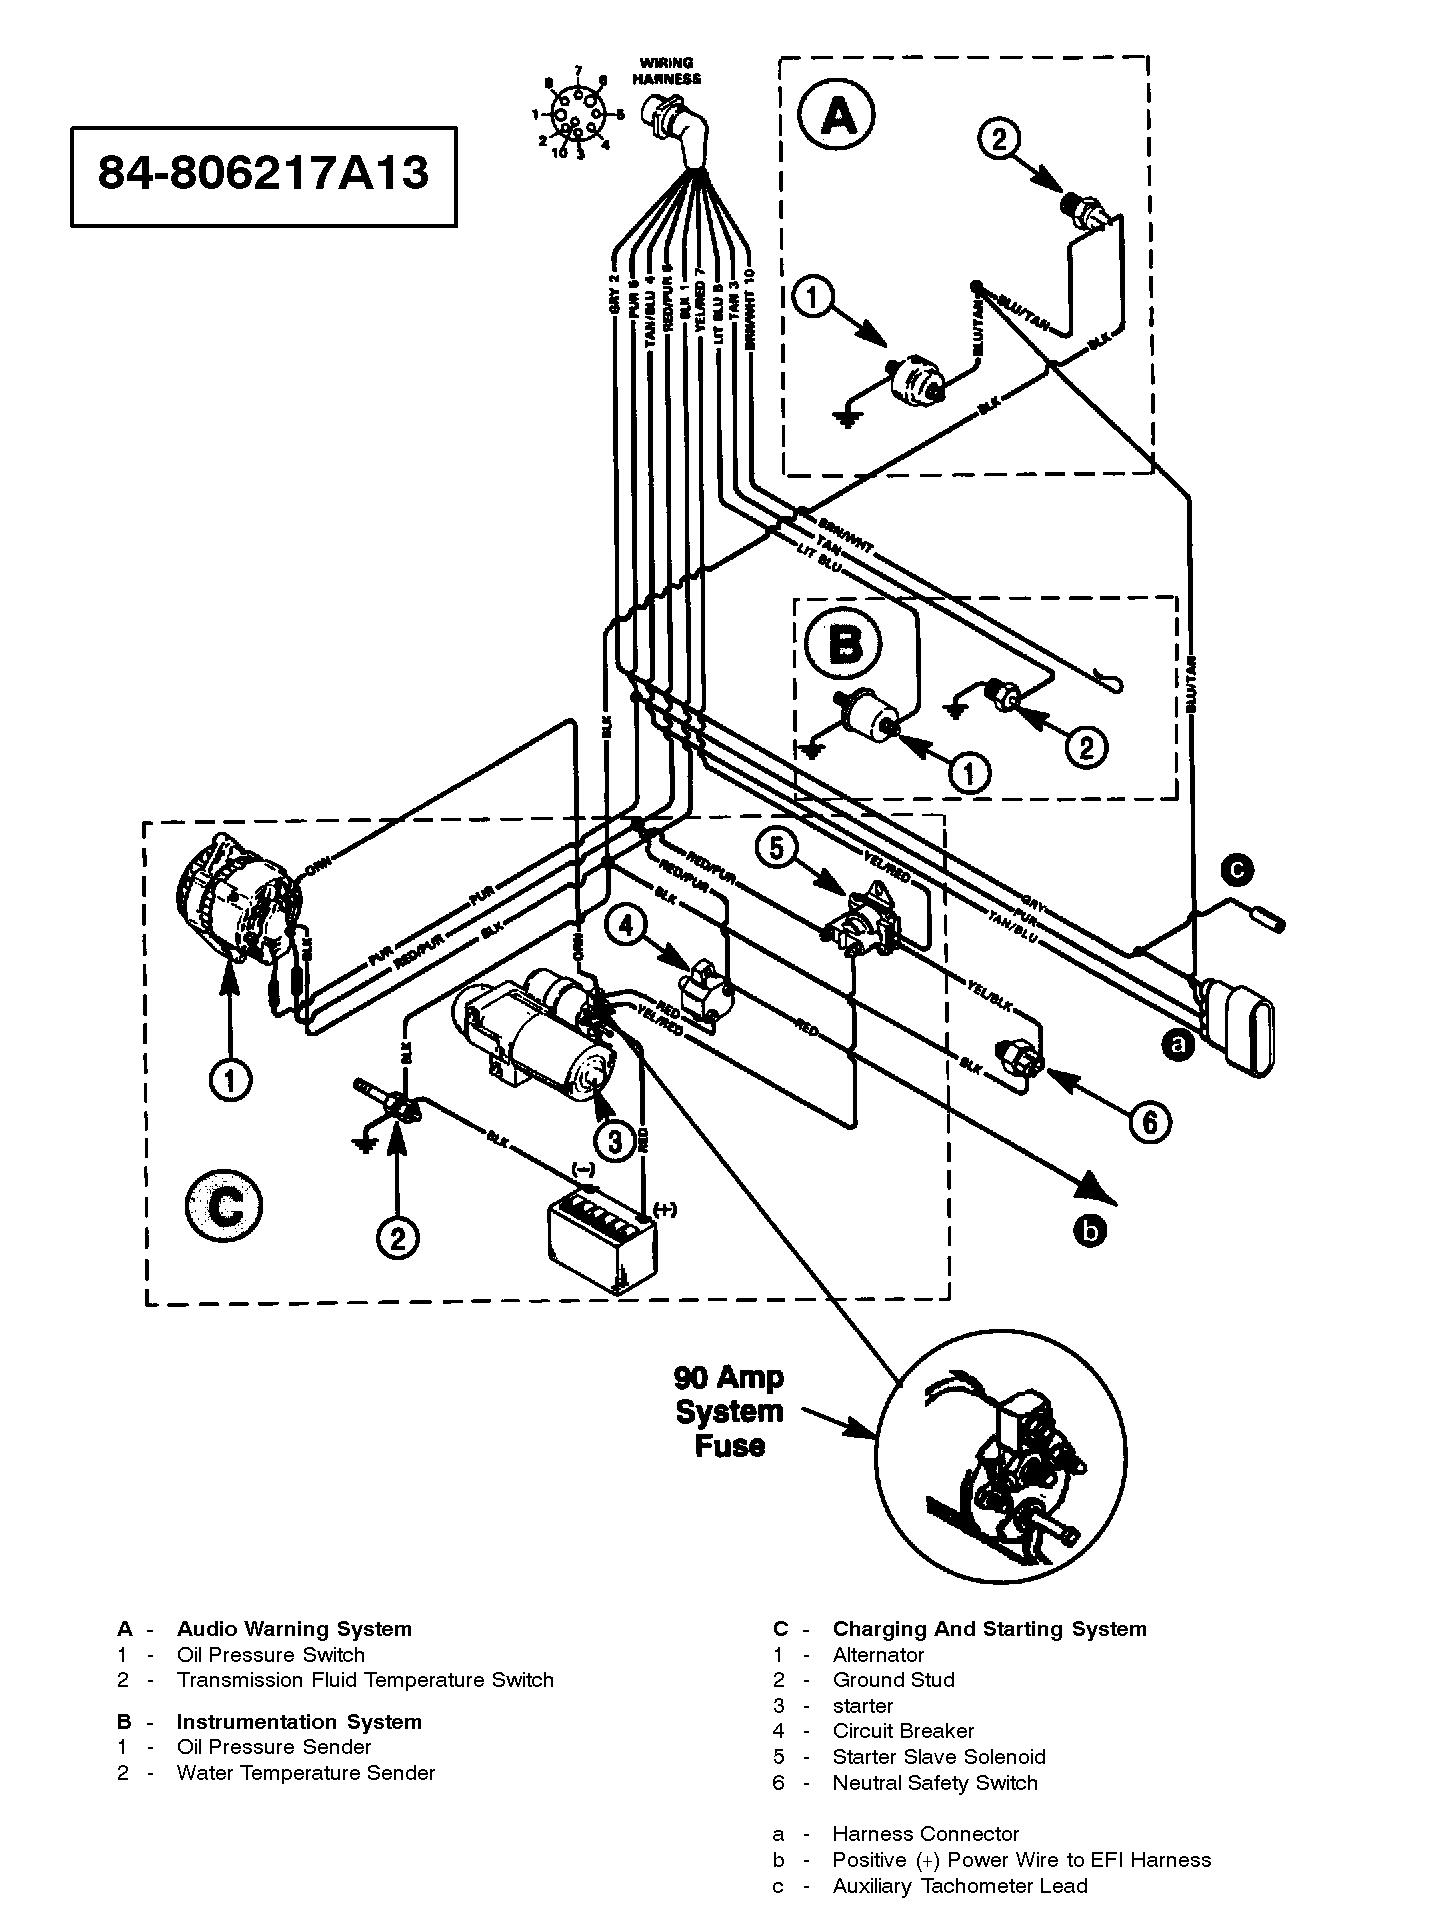 Diagram  1978 Mercruiser 898 Wiring Diagram Full Version Hd Quality Wiring Diagram